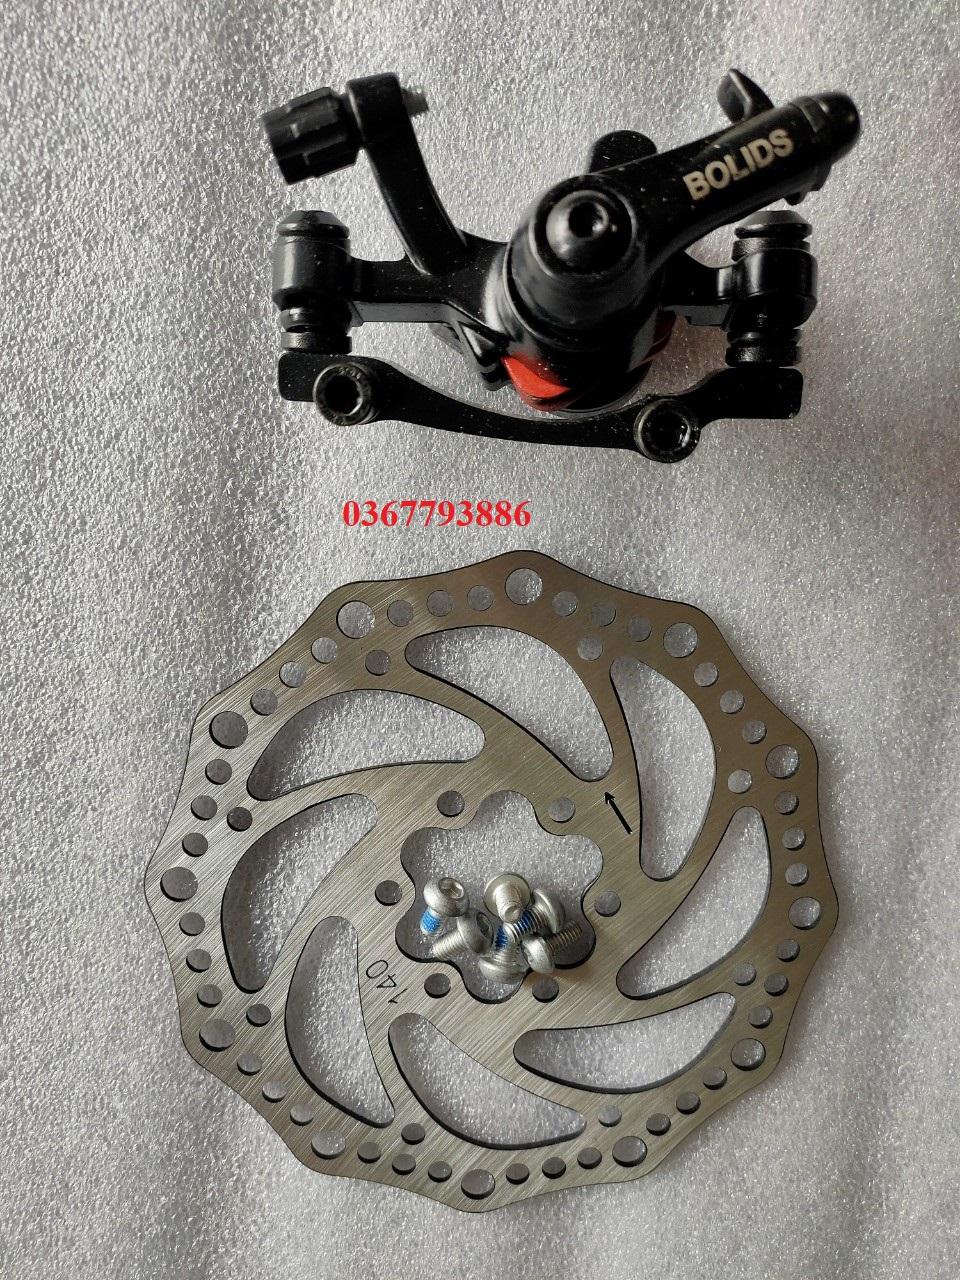 Mua Bộ phanh đĩa và củ phanh 140mm dành cho xe scooter, xe lăn điện bánh 10inch, 12inch